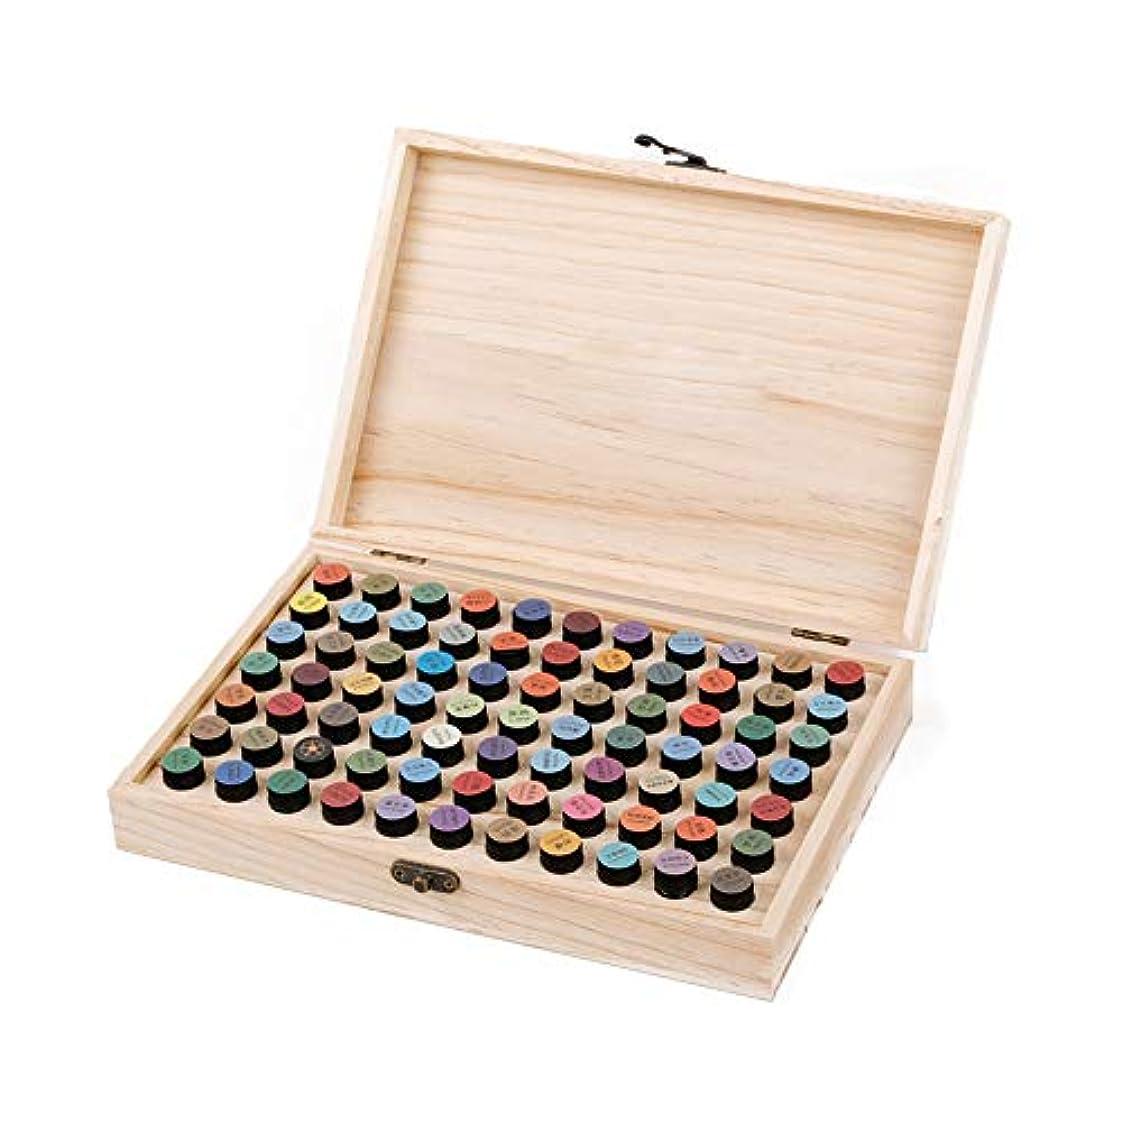 取り消す下に向けます入学するエッセンシャルオイル収納ボックス 2ミリリットルのエッセンシャルオイル木製収納ボックスあなたの貴重なエッセンシャルオイルを格納するのに適した77個のスロット 丈夫で持ち運びが簡単 (色 : Natural, サイズ : 29X19X4CM)